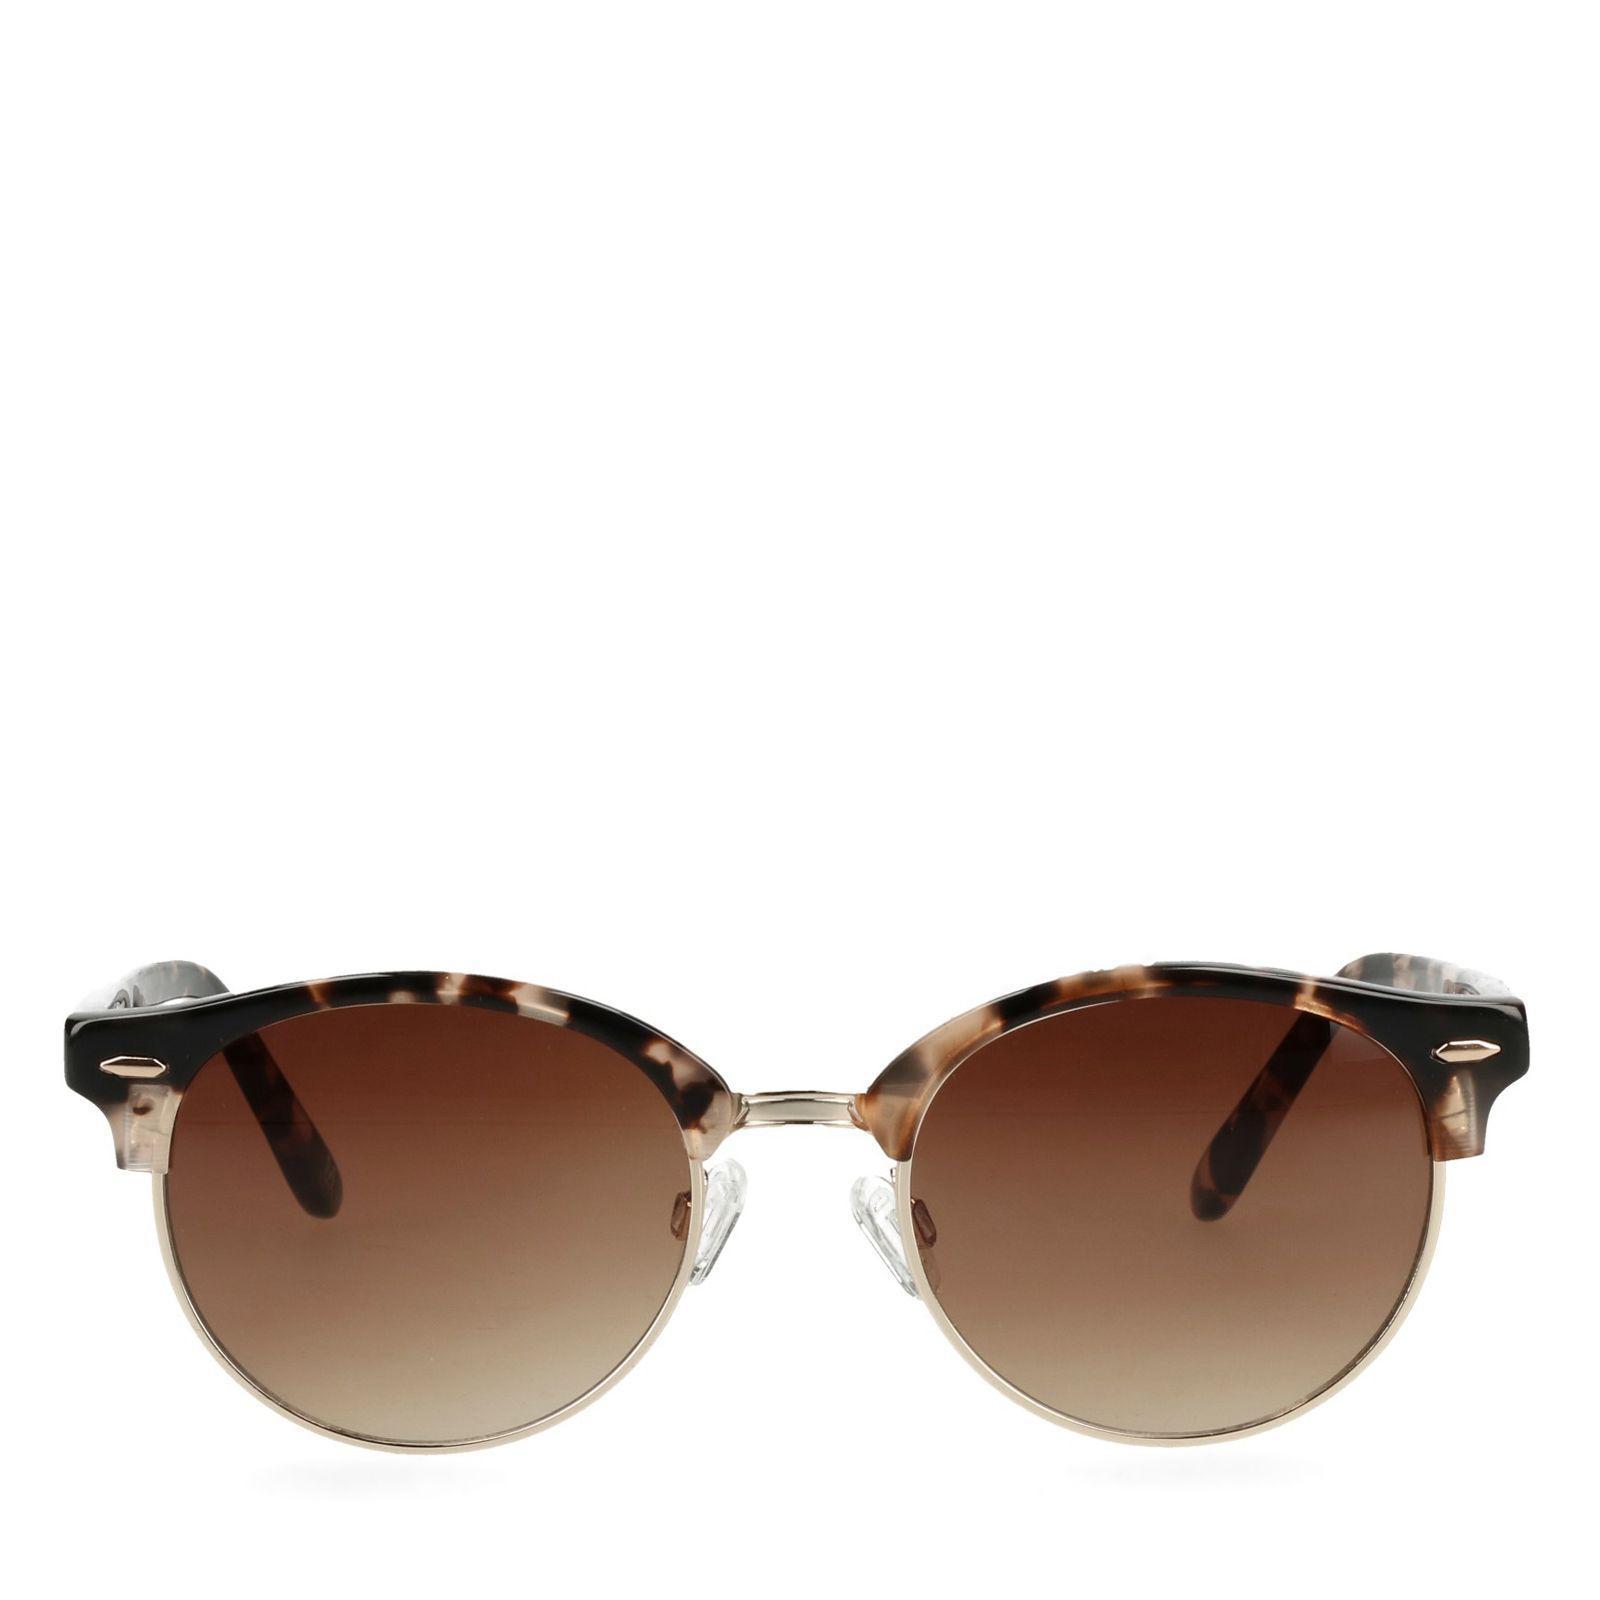 Braune Retro-Sonnenbrille (Onesize) Tn3BpvAHpJ